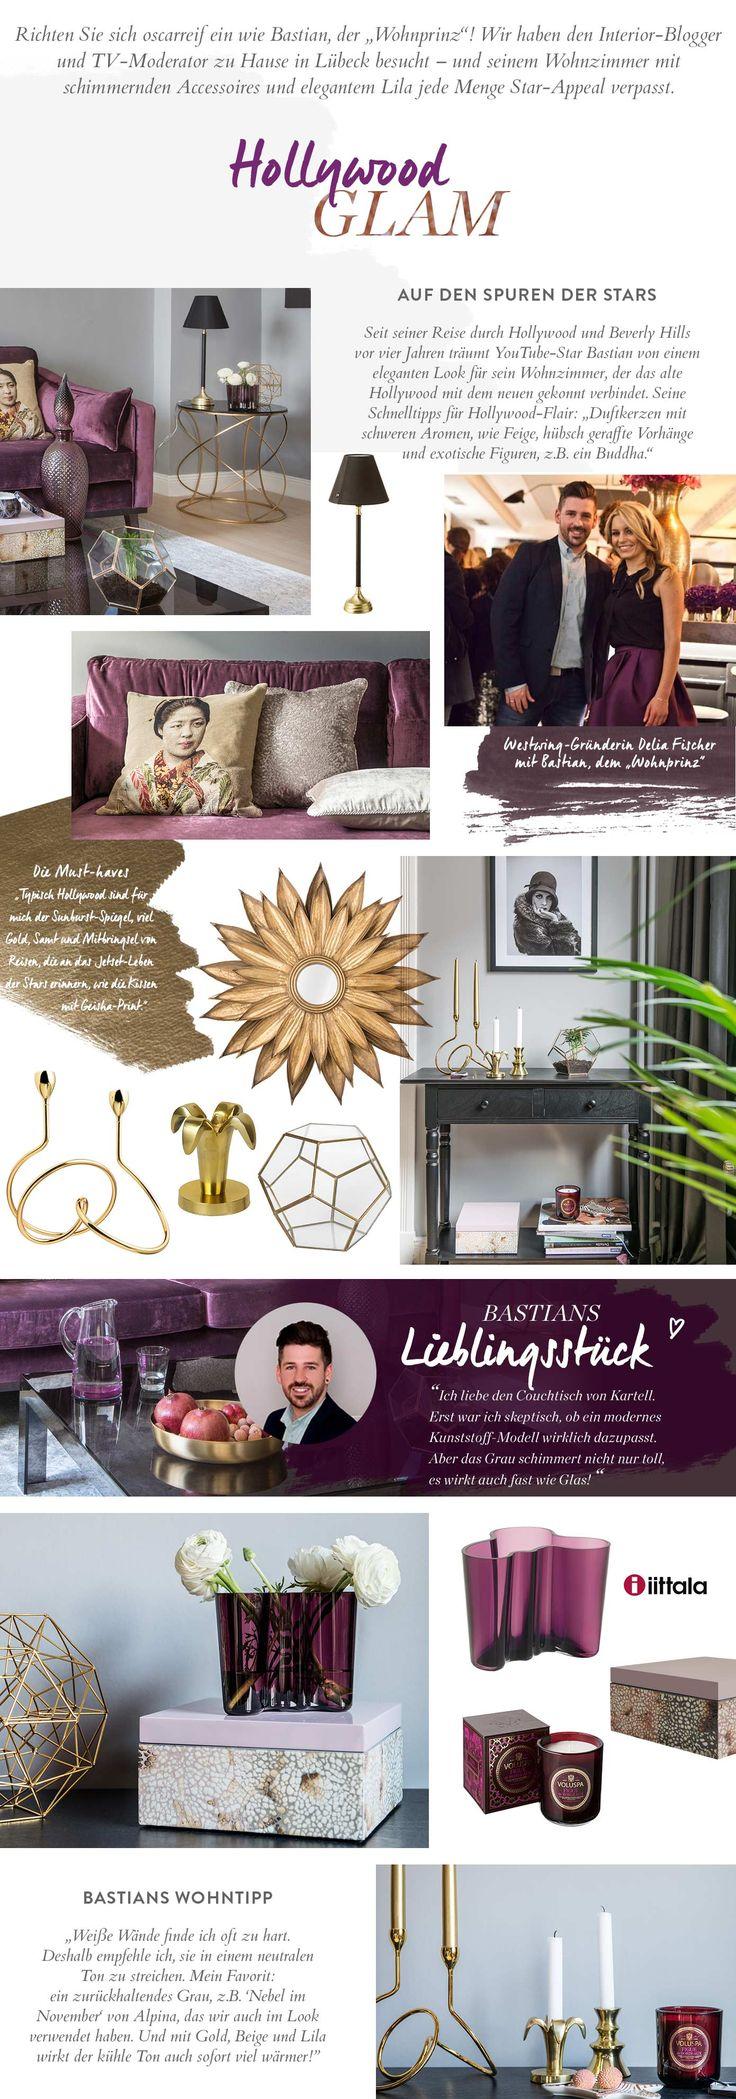 wohnzimmer lila grau:Wohnzimmer, Hollywood, Glam, Chic, Glamourös, Edel, Klein, Lila, Gold